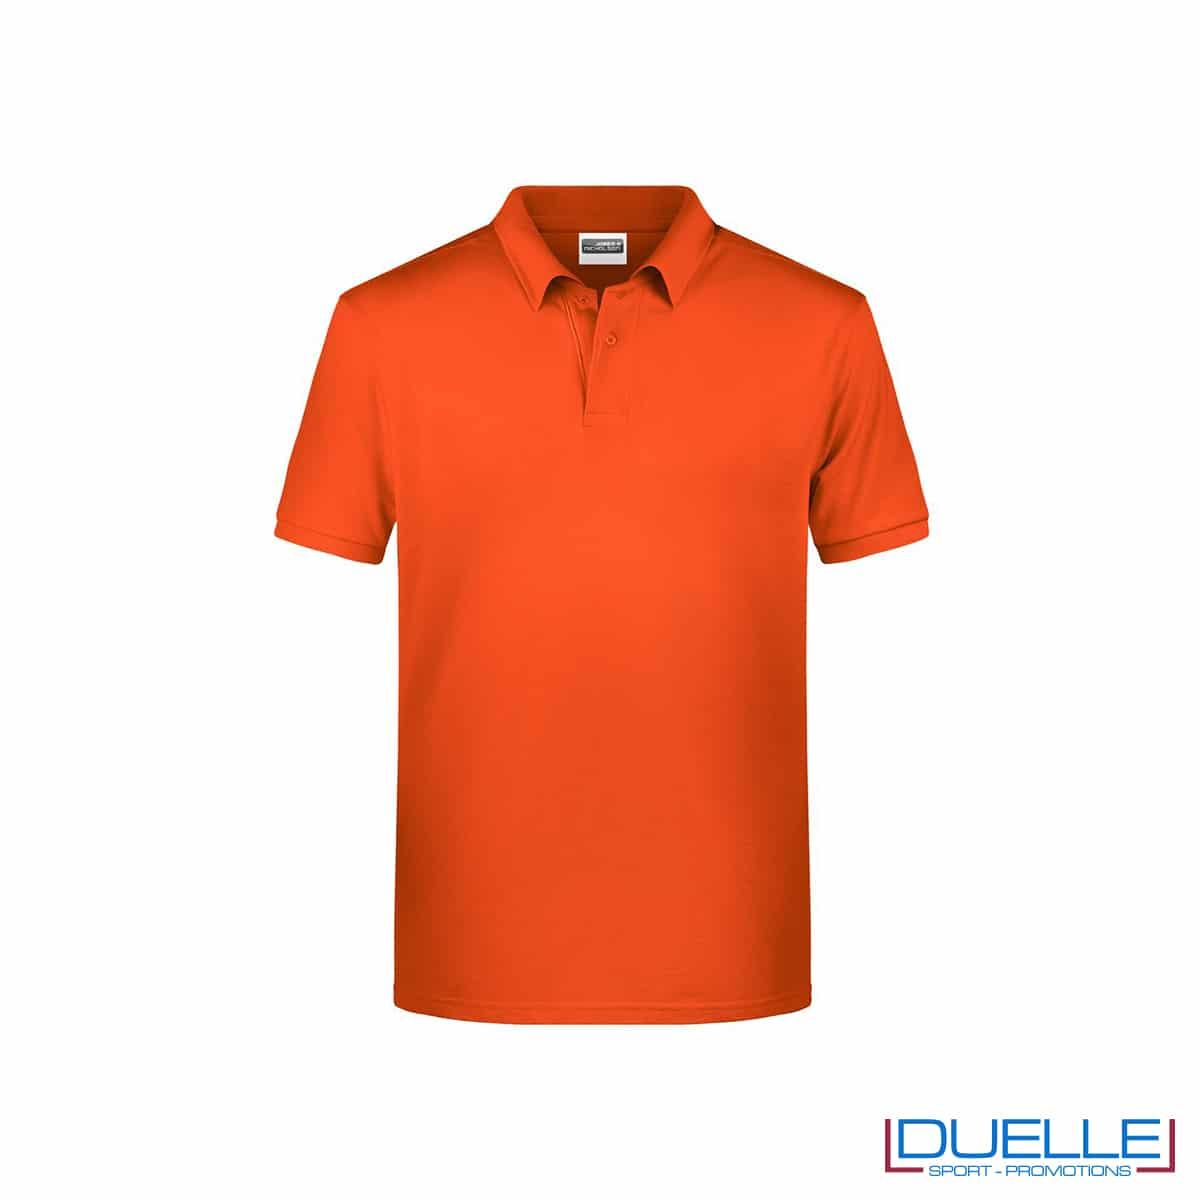 Polo ecologica 100% cotone organico colore arancione scuro